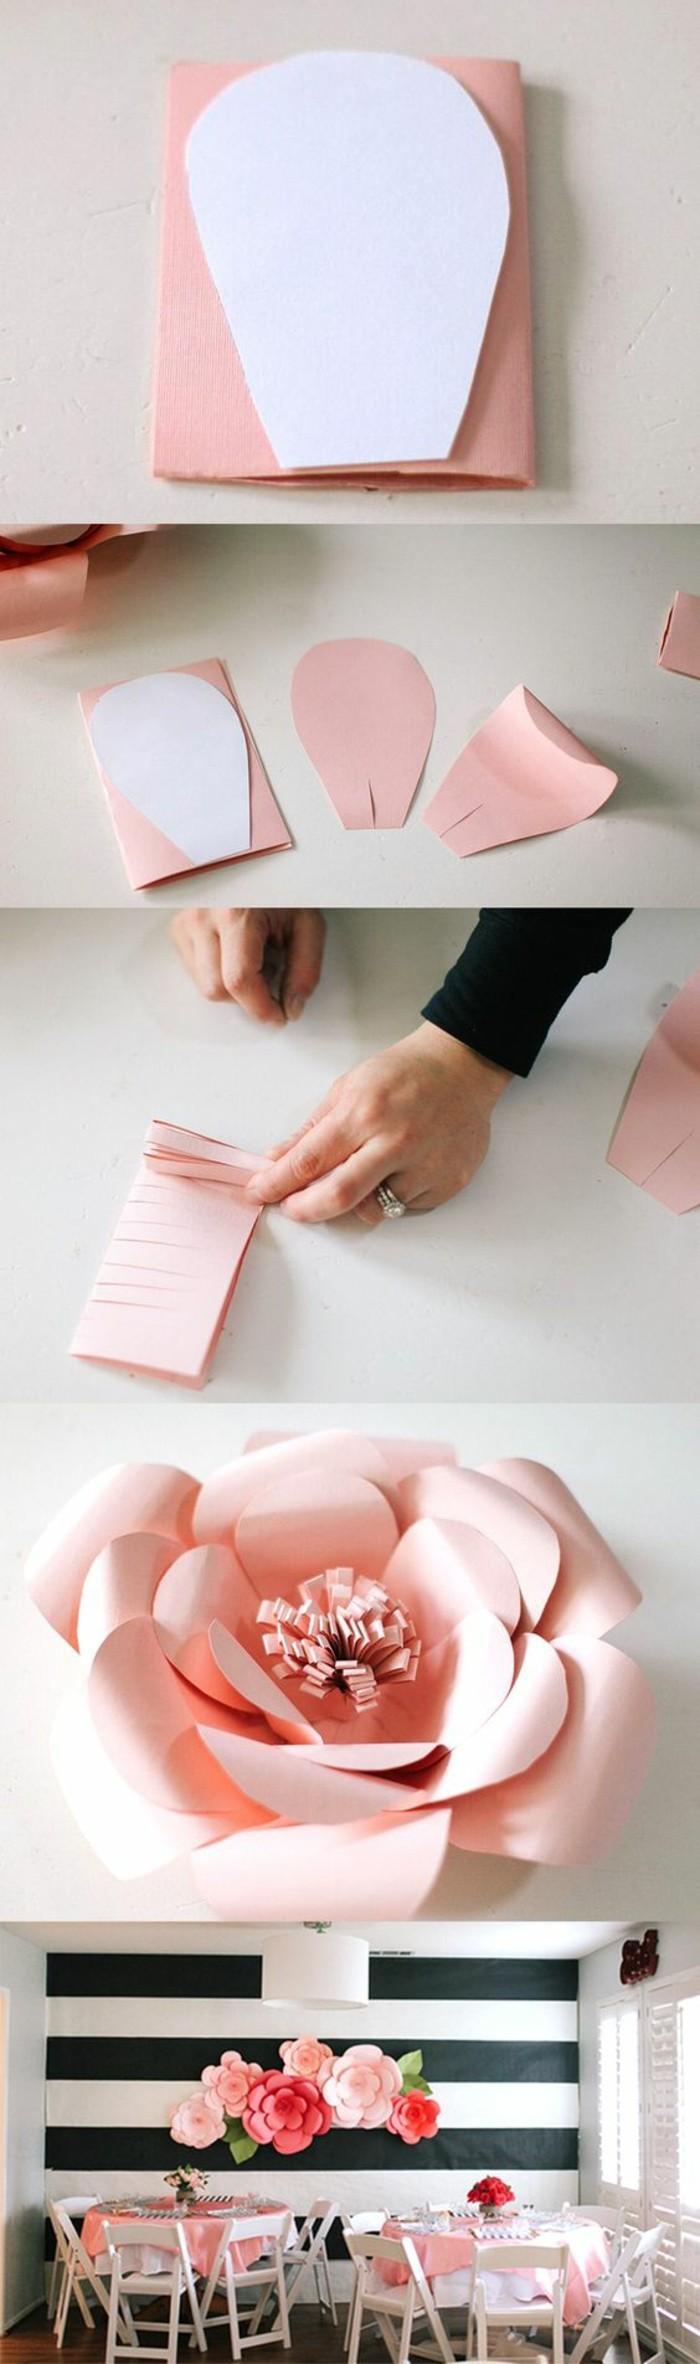 Fiori di carta, scritte adesive per pareti, come fare un fiore rosa